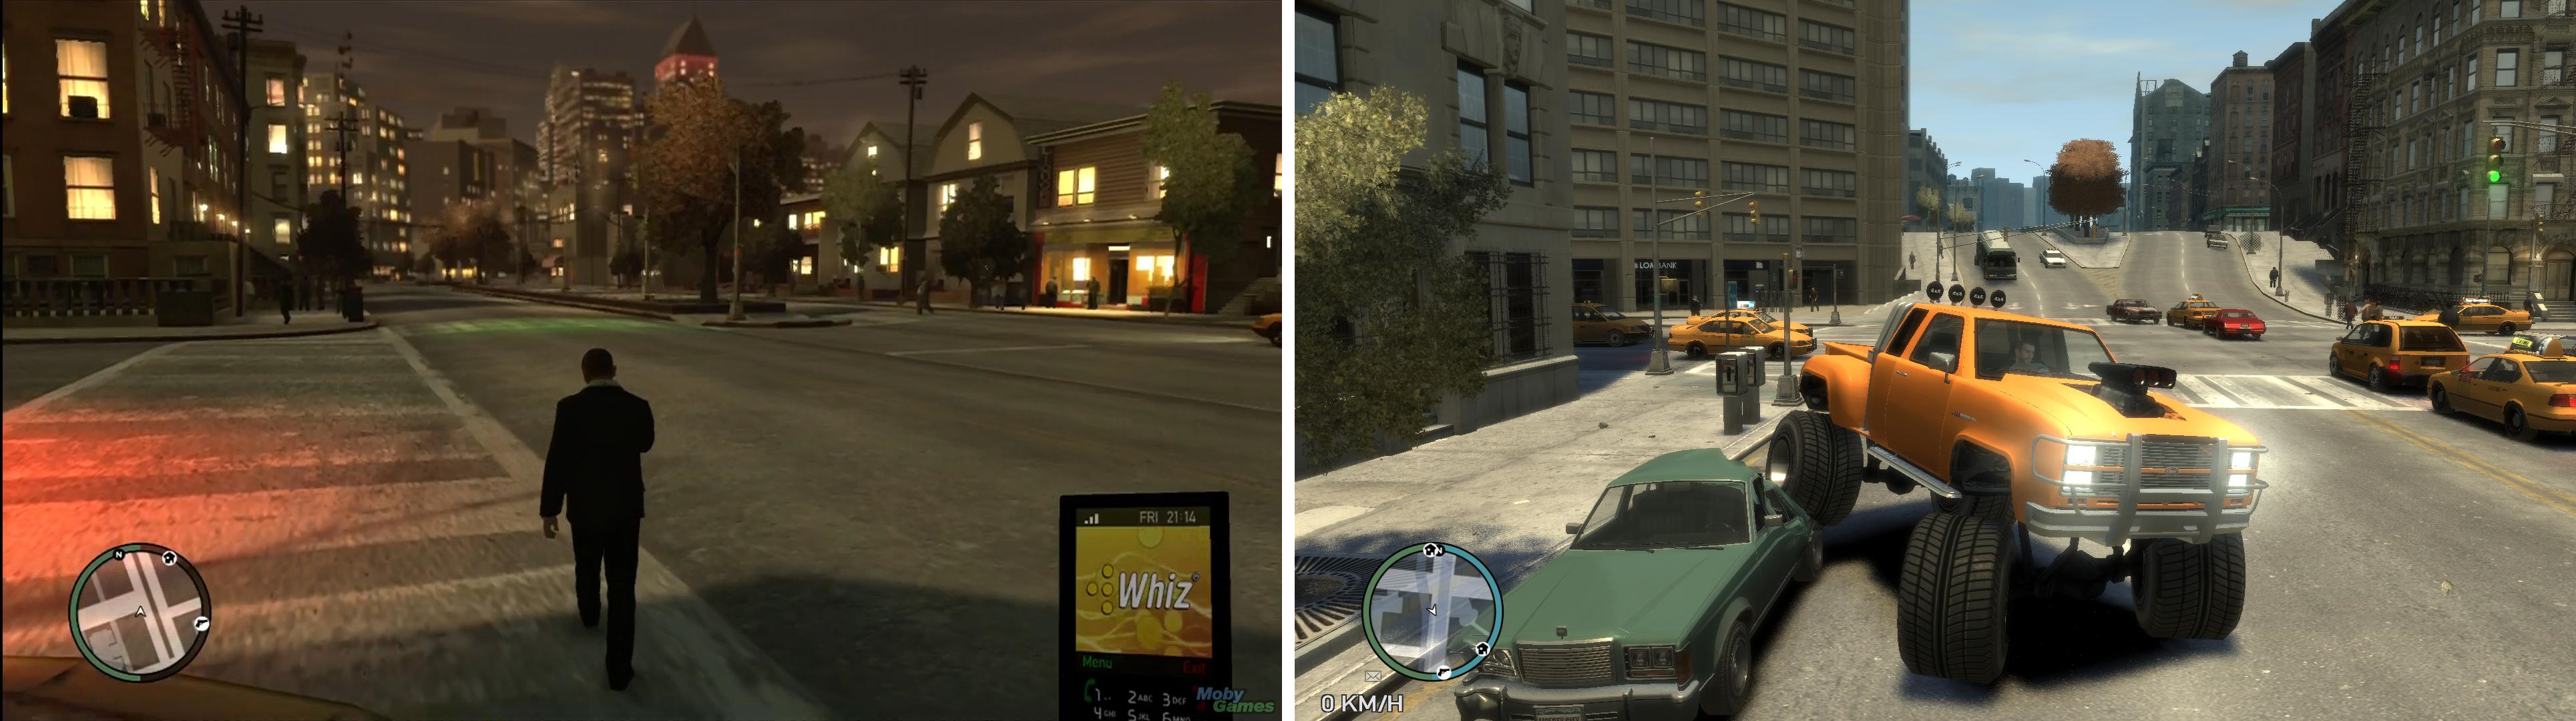 История в картинках (Grand Theft Auto) - Изображение 7